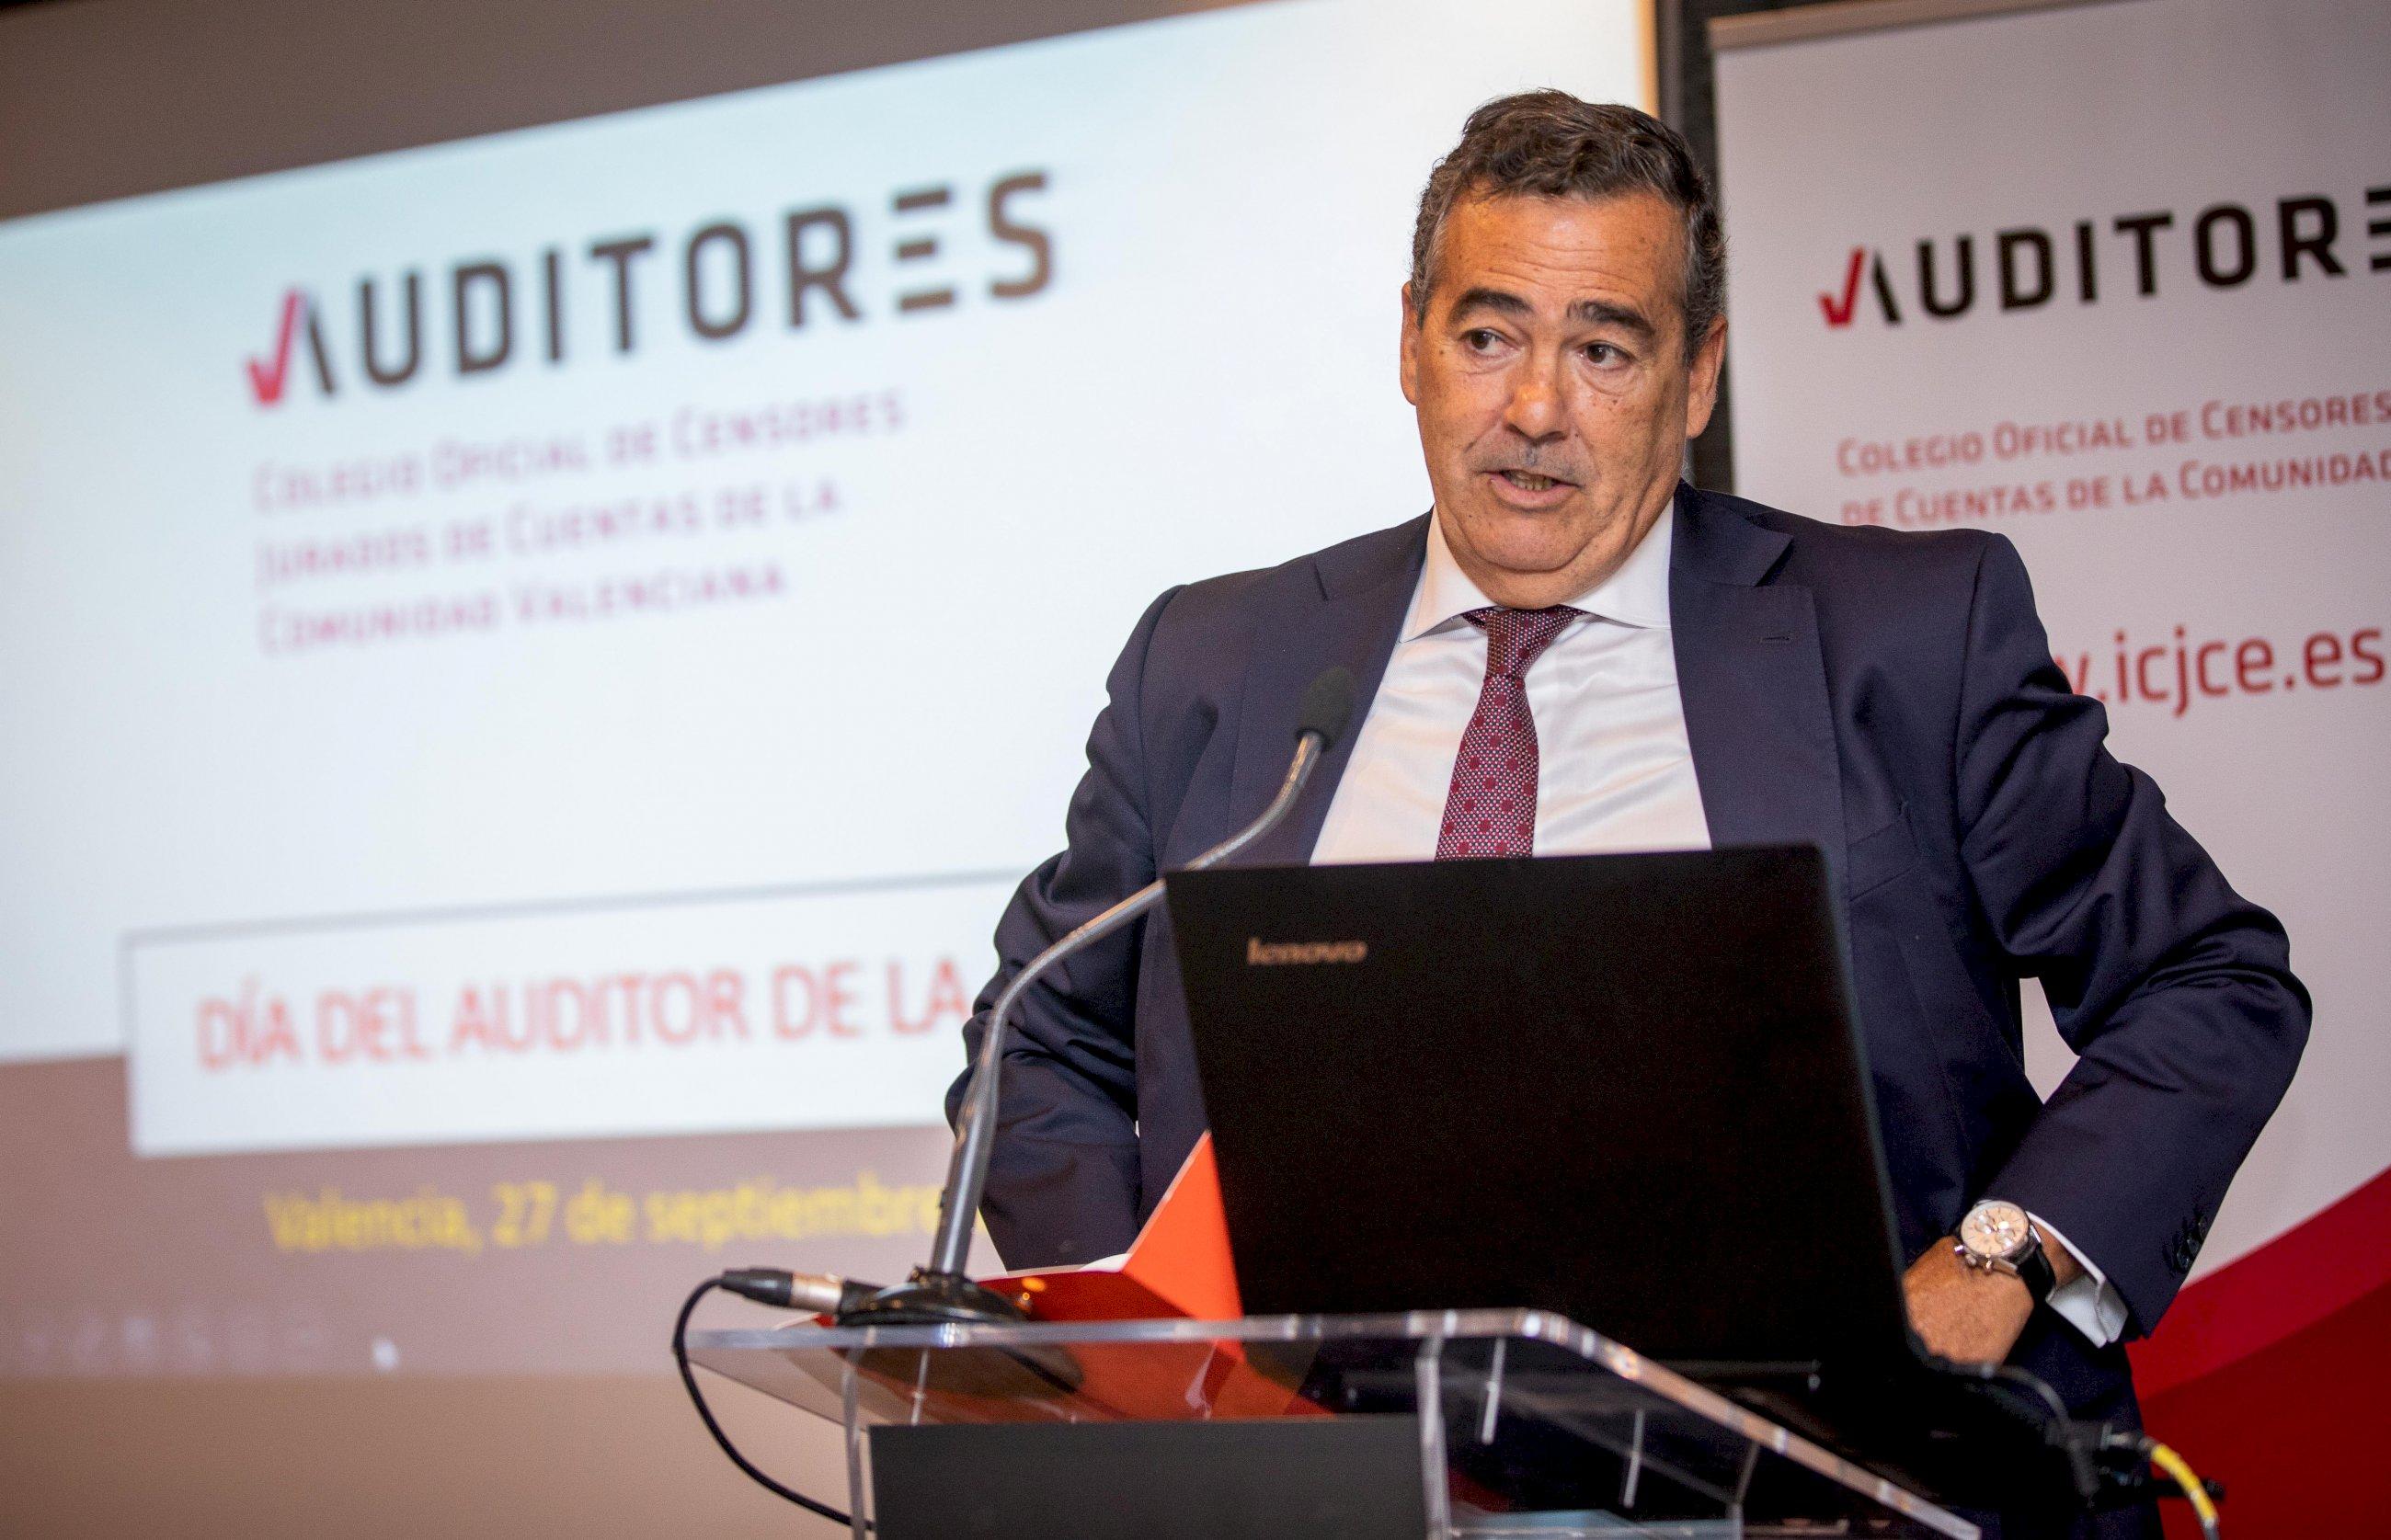 11022020 auditores rafael nava presidente colegio auditores comunidad valenciana